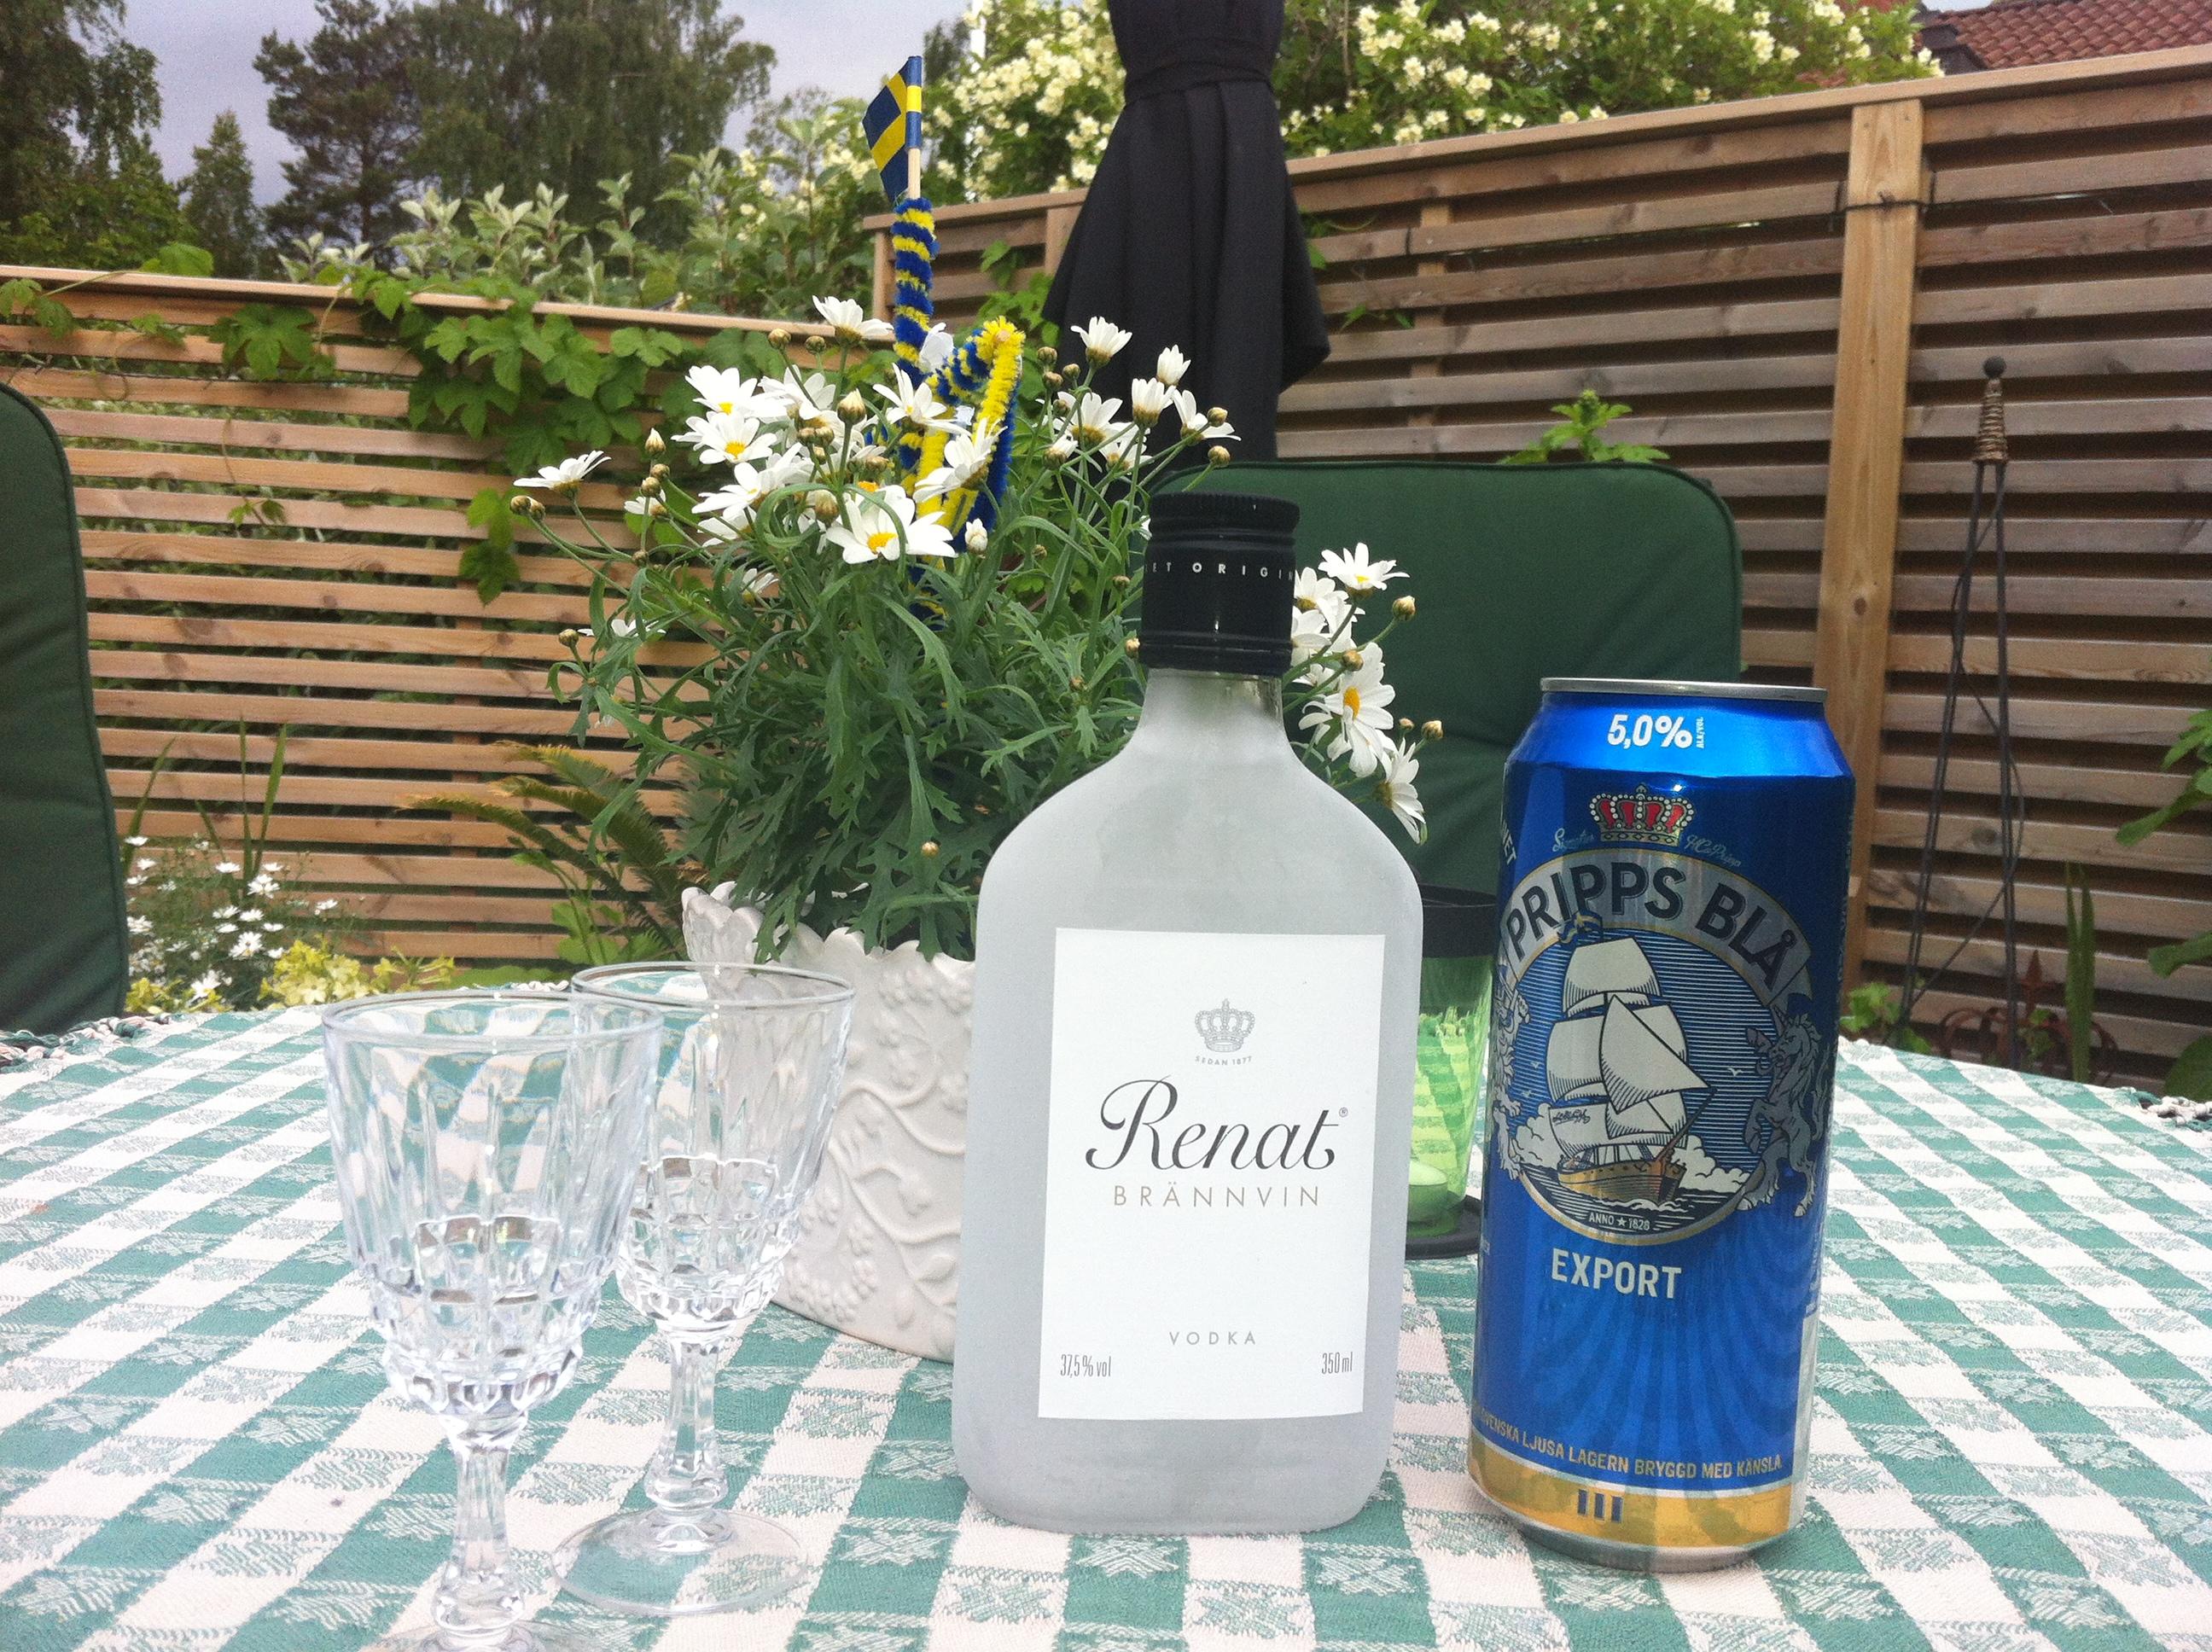 En svensk tradition på Midsommar - nubbe och svensk öl